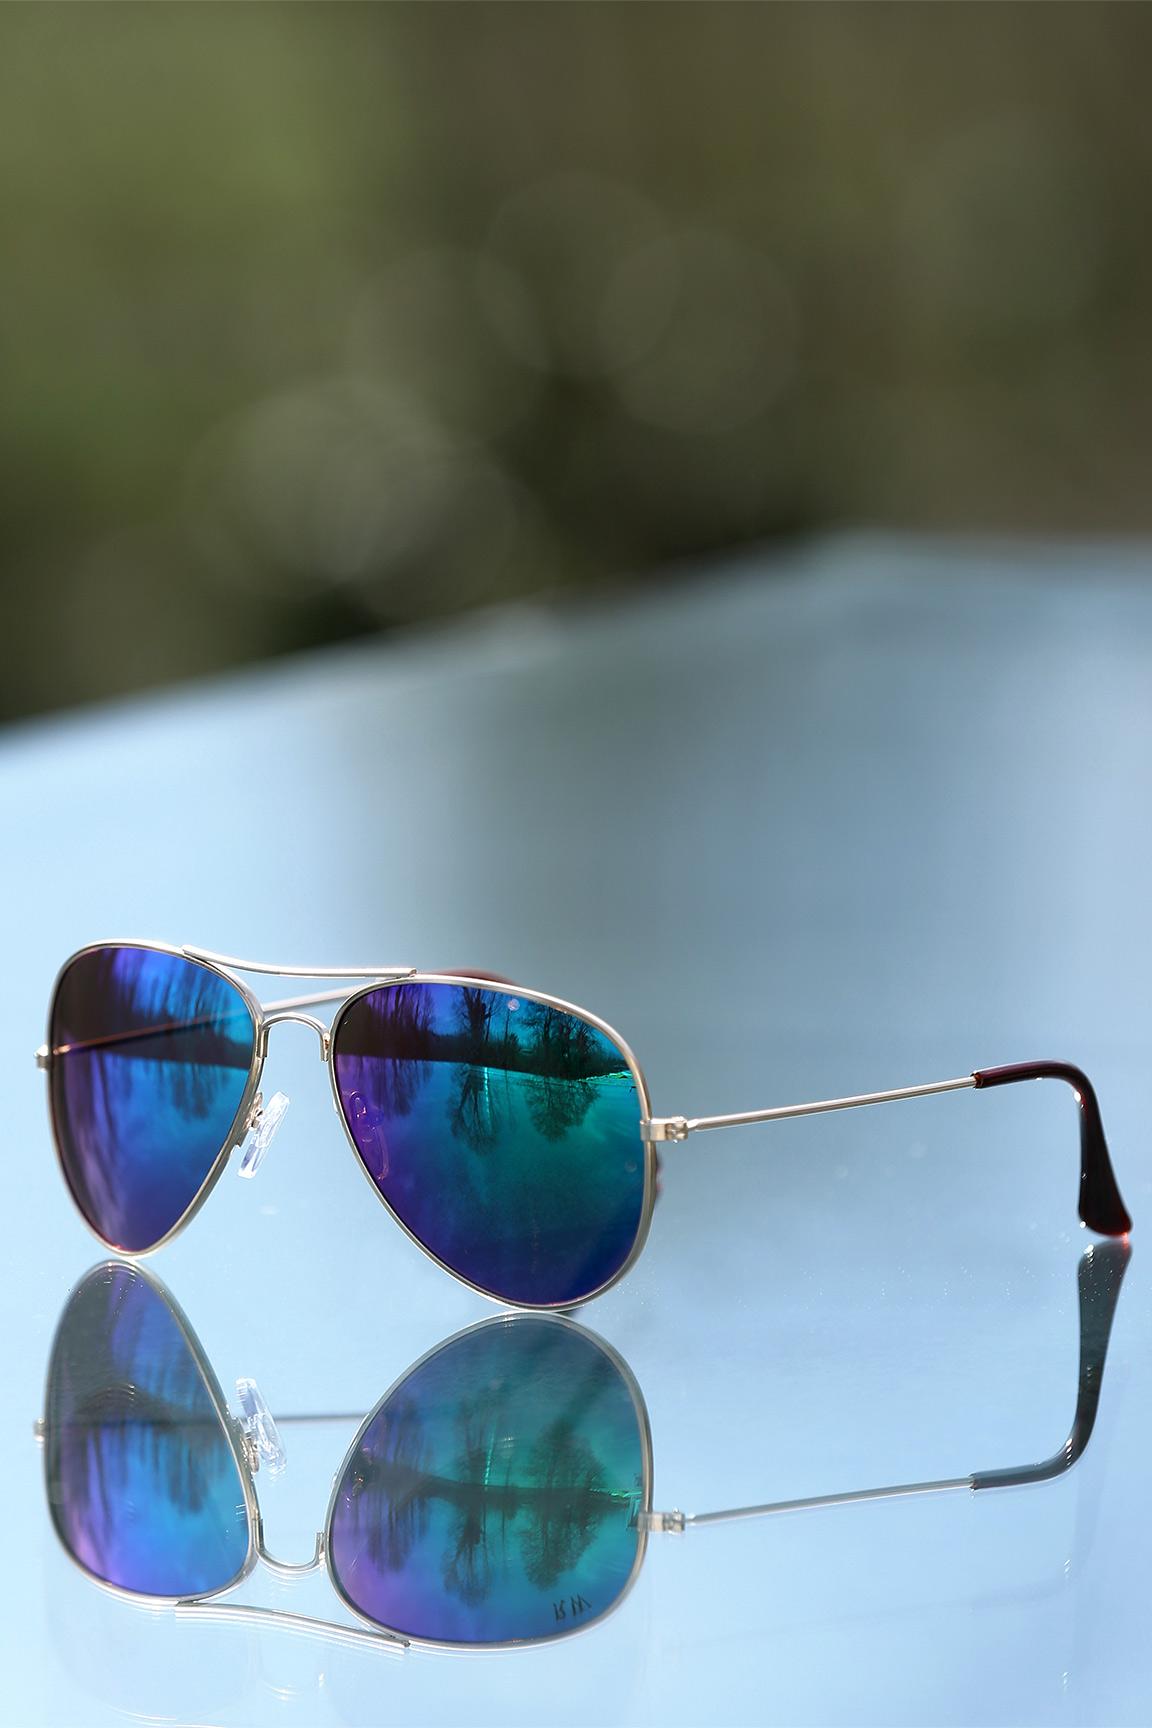 كولكشن نظارات شمس نسائية راقية 2017 ، نظارات شمسية فخمة للبنات 2017